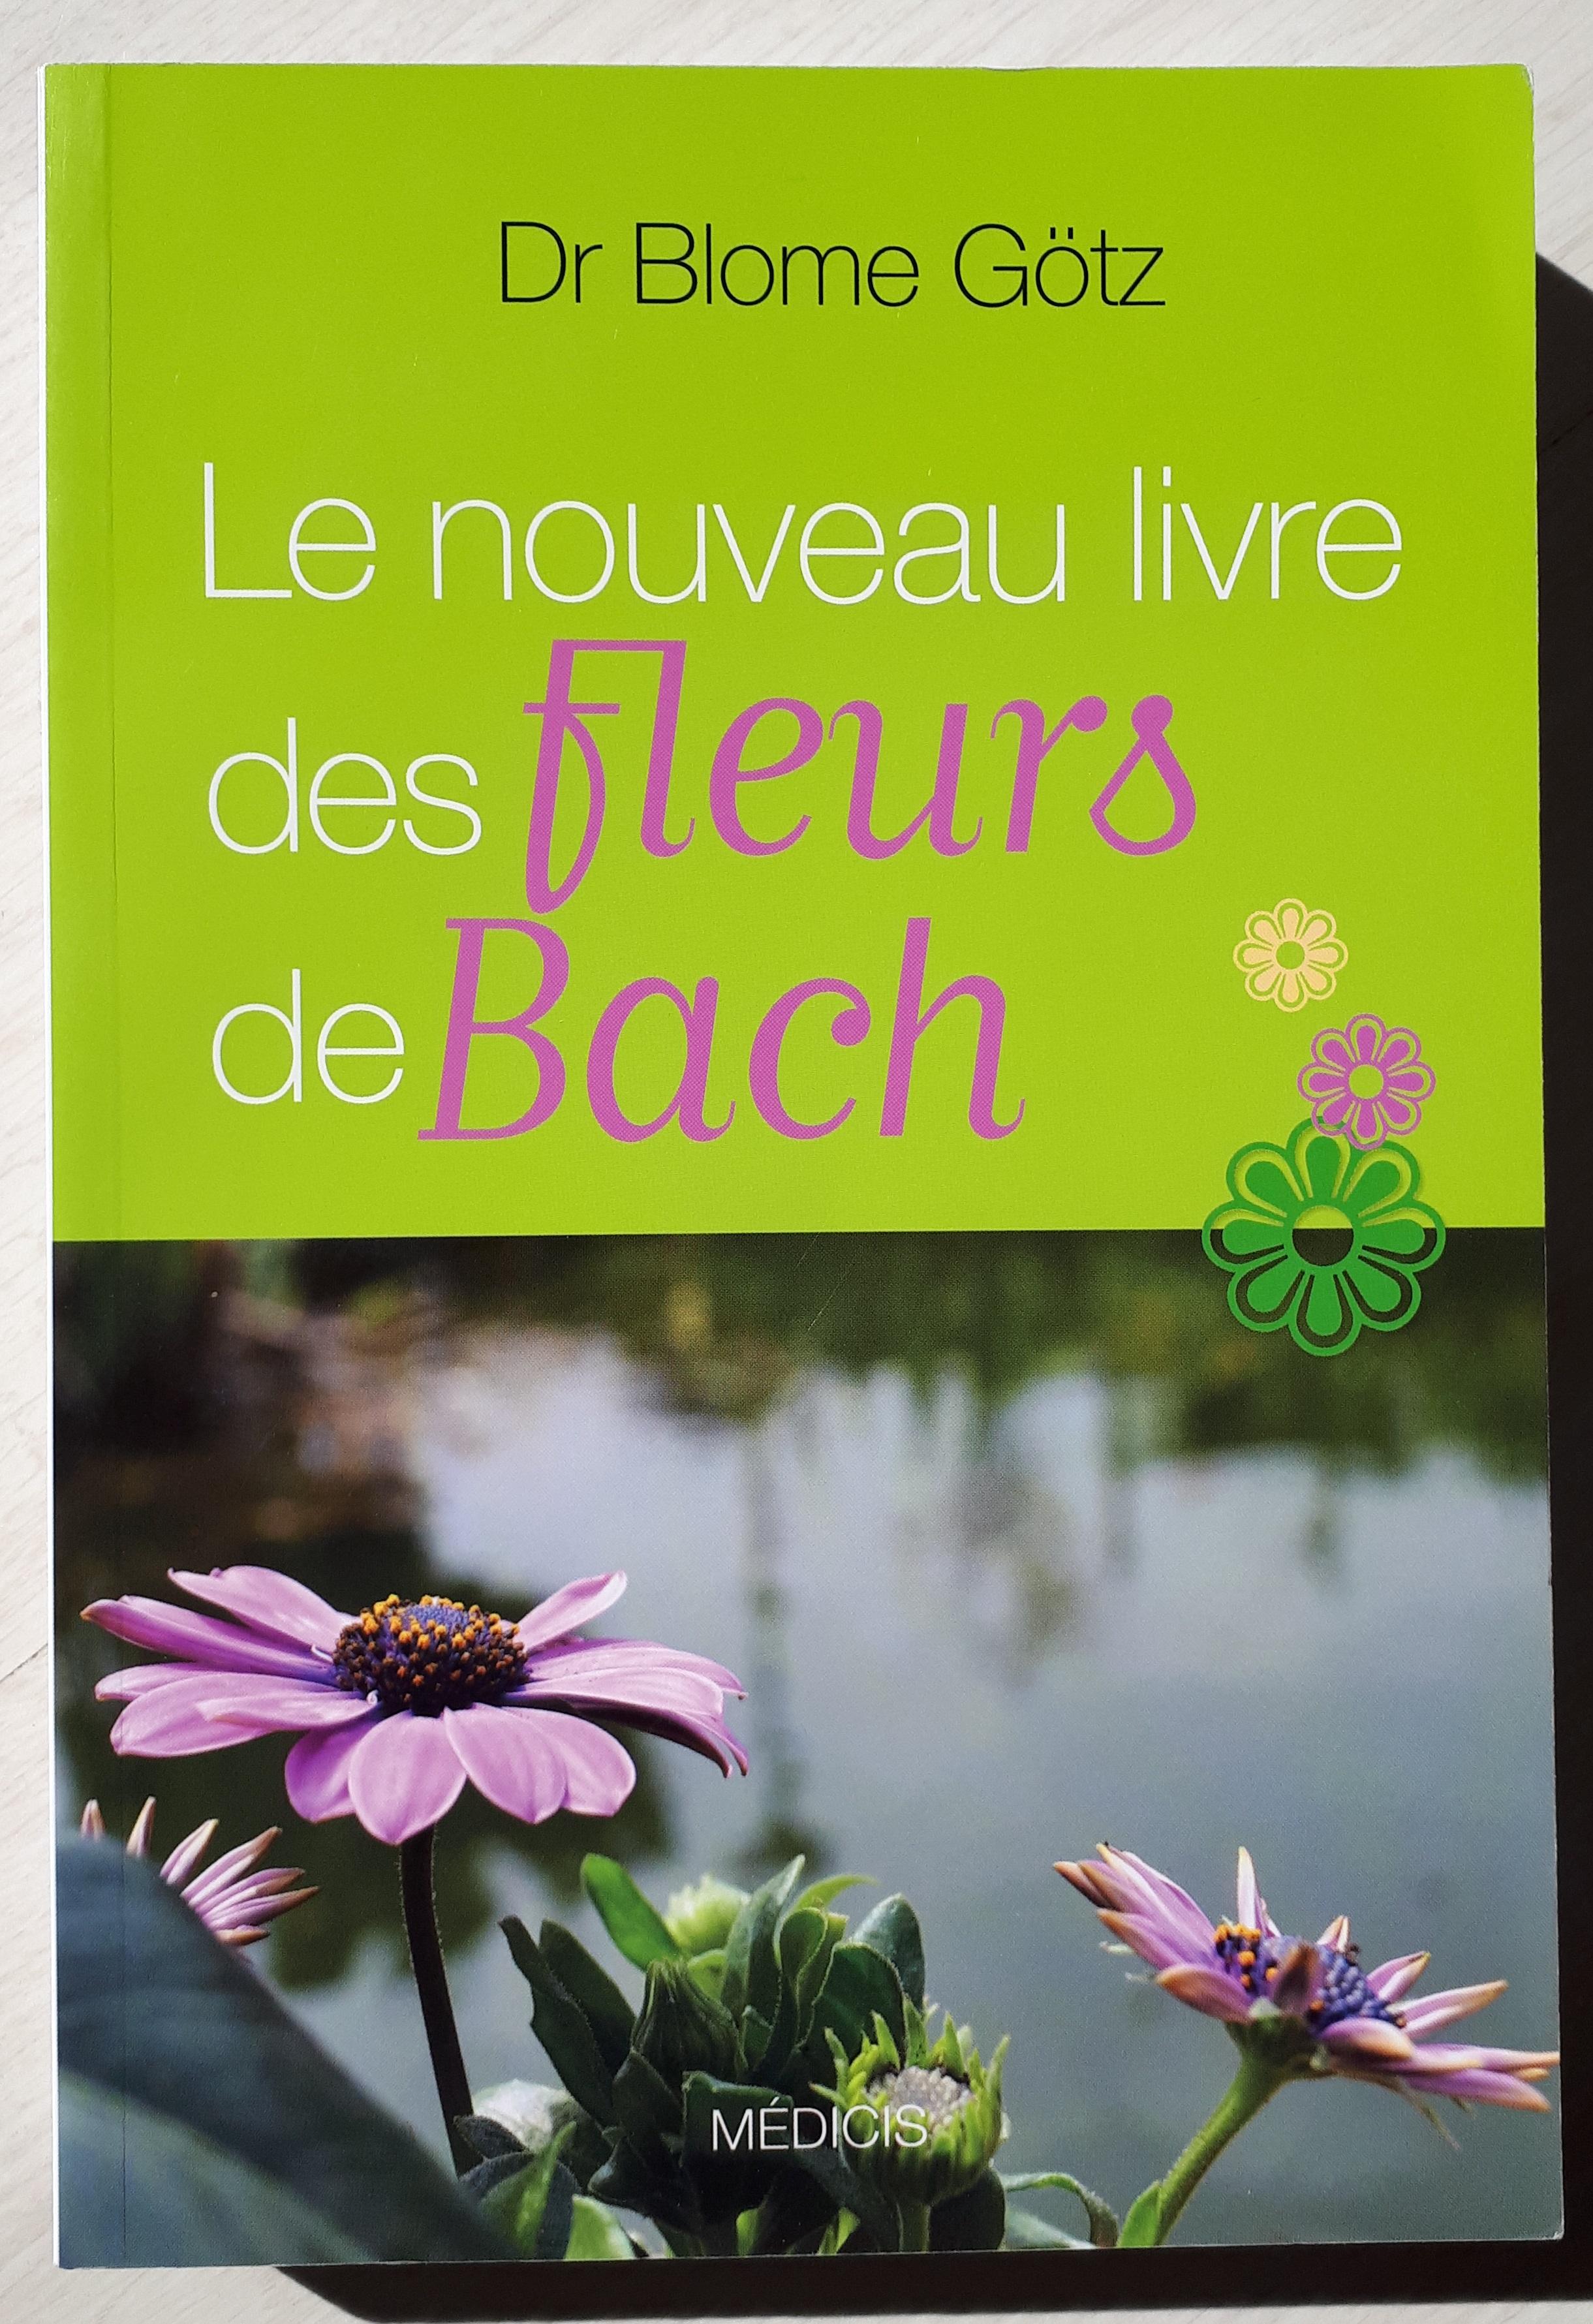 Supernaturo-le nouveau livre des fleurs de Bach